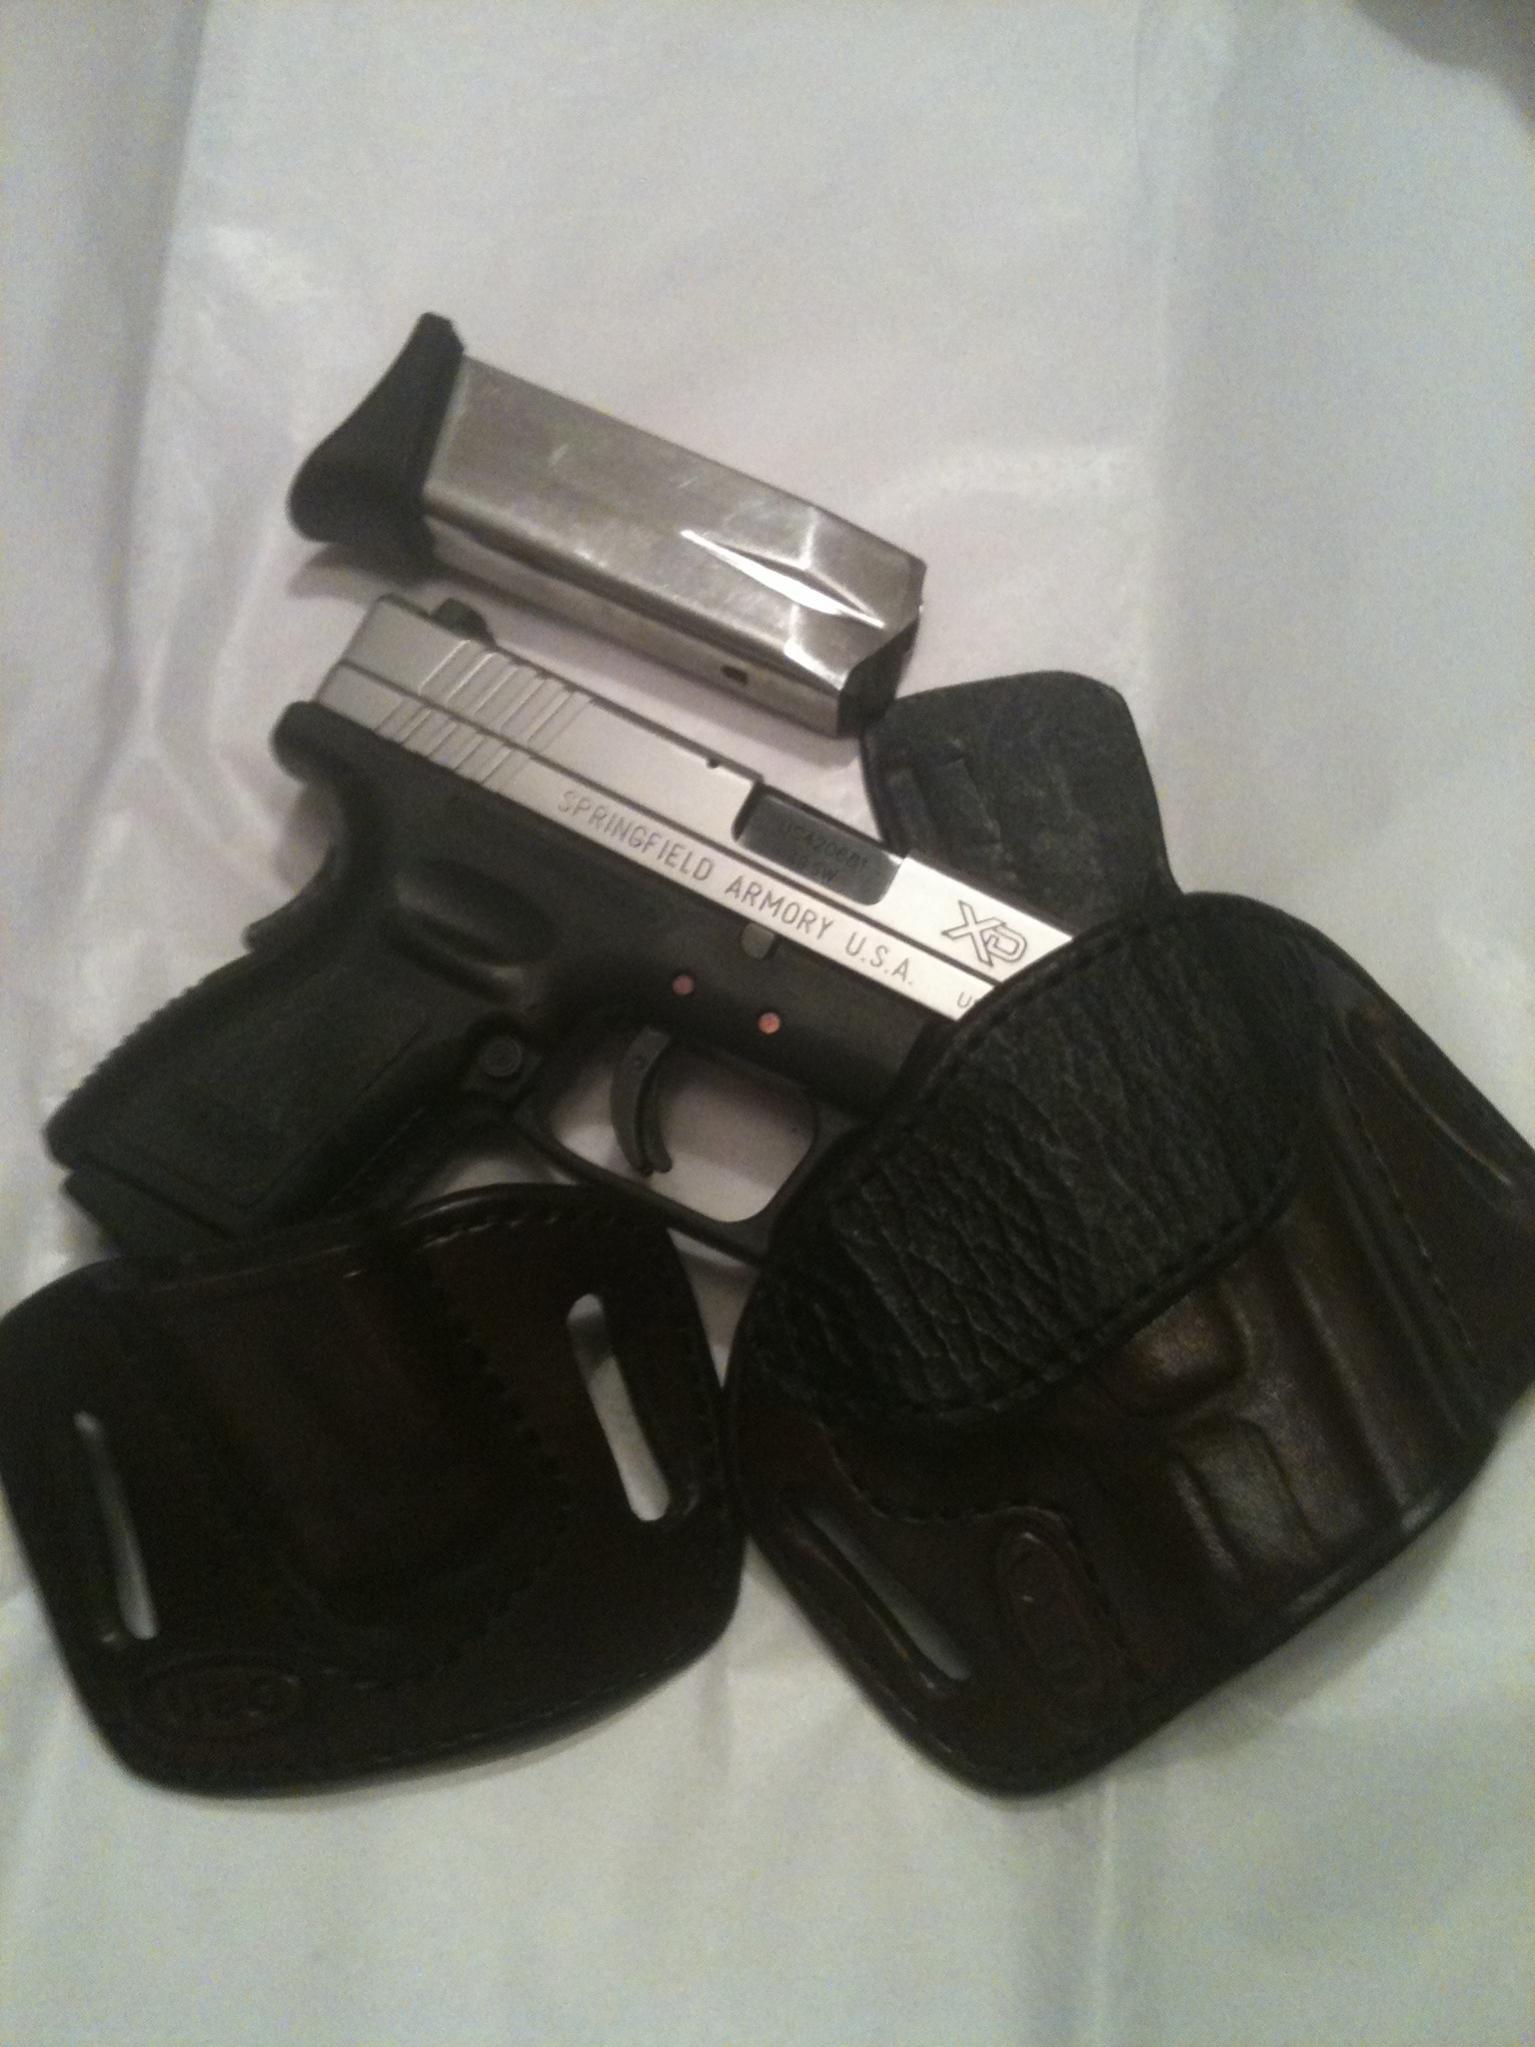 Good OWB holster for CC?-img_0685.jpg